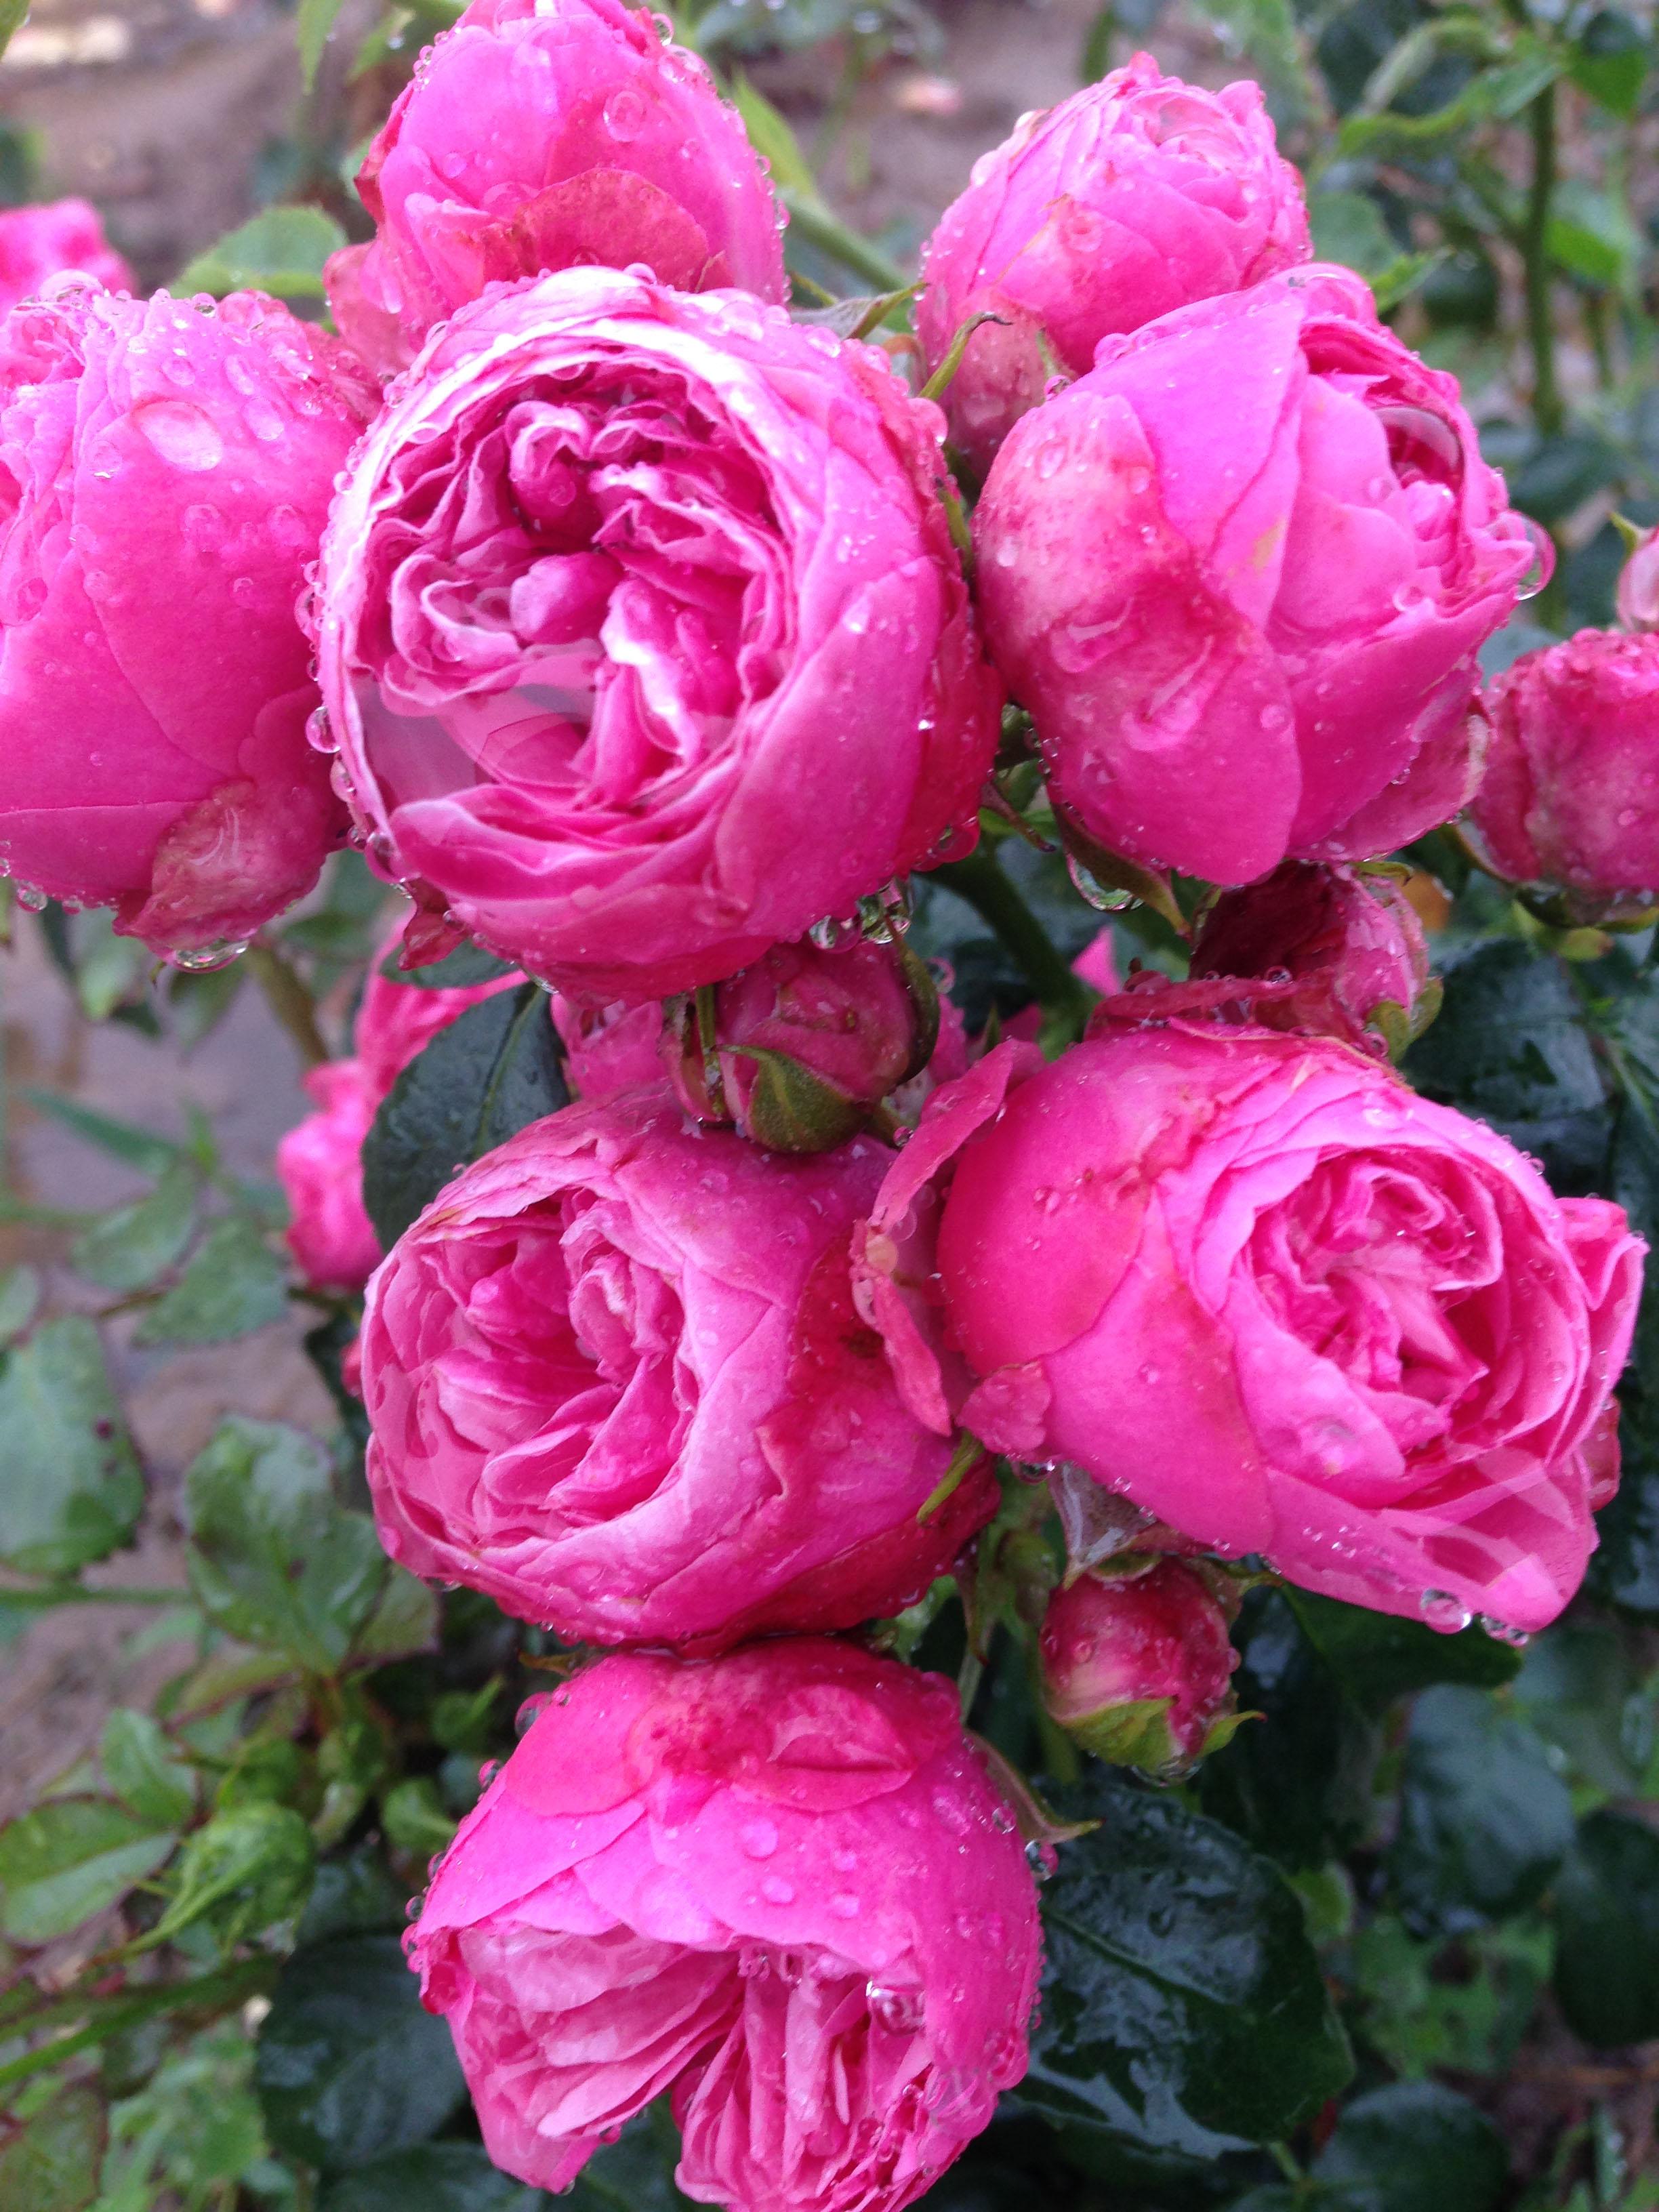 fint skal det være rose